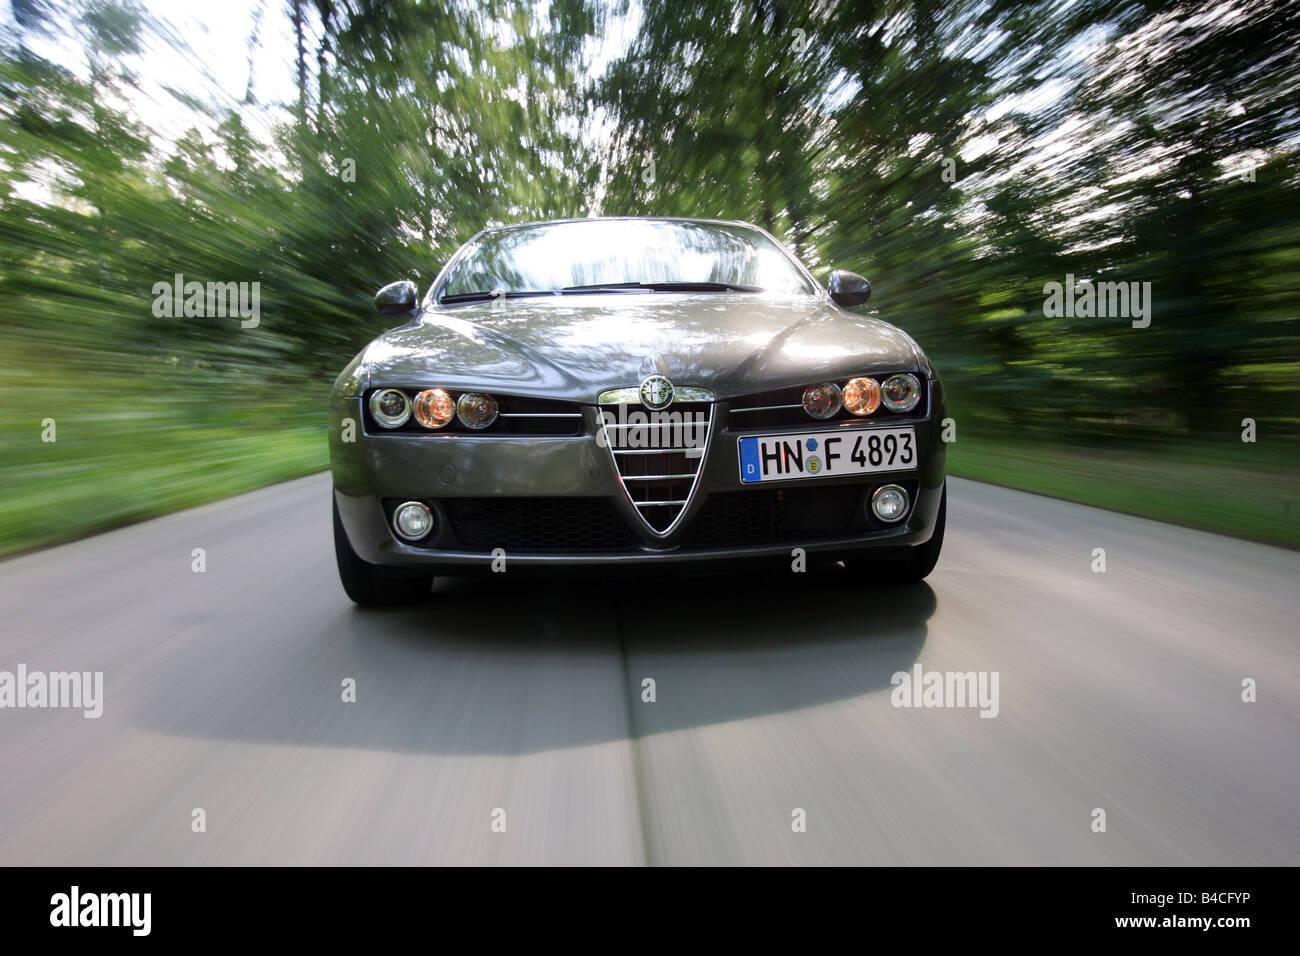 Alfa Romeo 159 JTD M, Modelljahr 2005-Anthrazit, fahren, Vorderansicht, Landstraße Stockbild